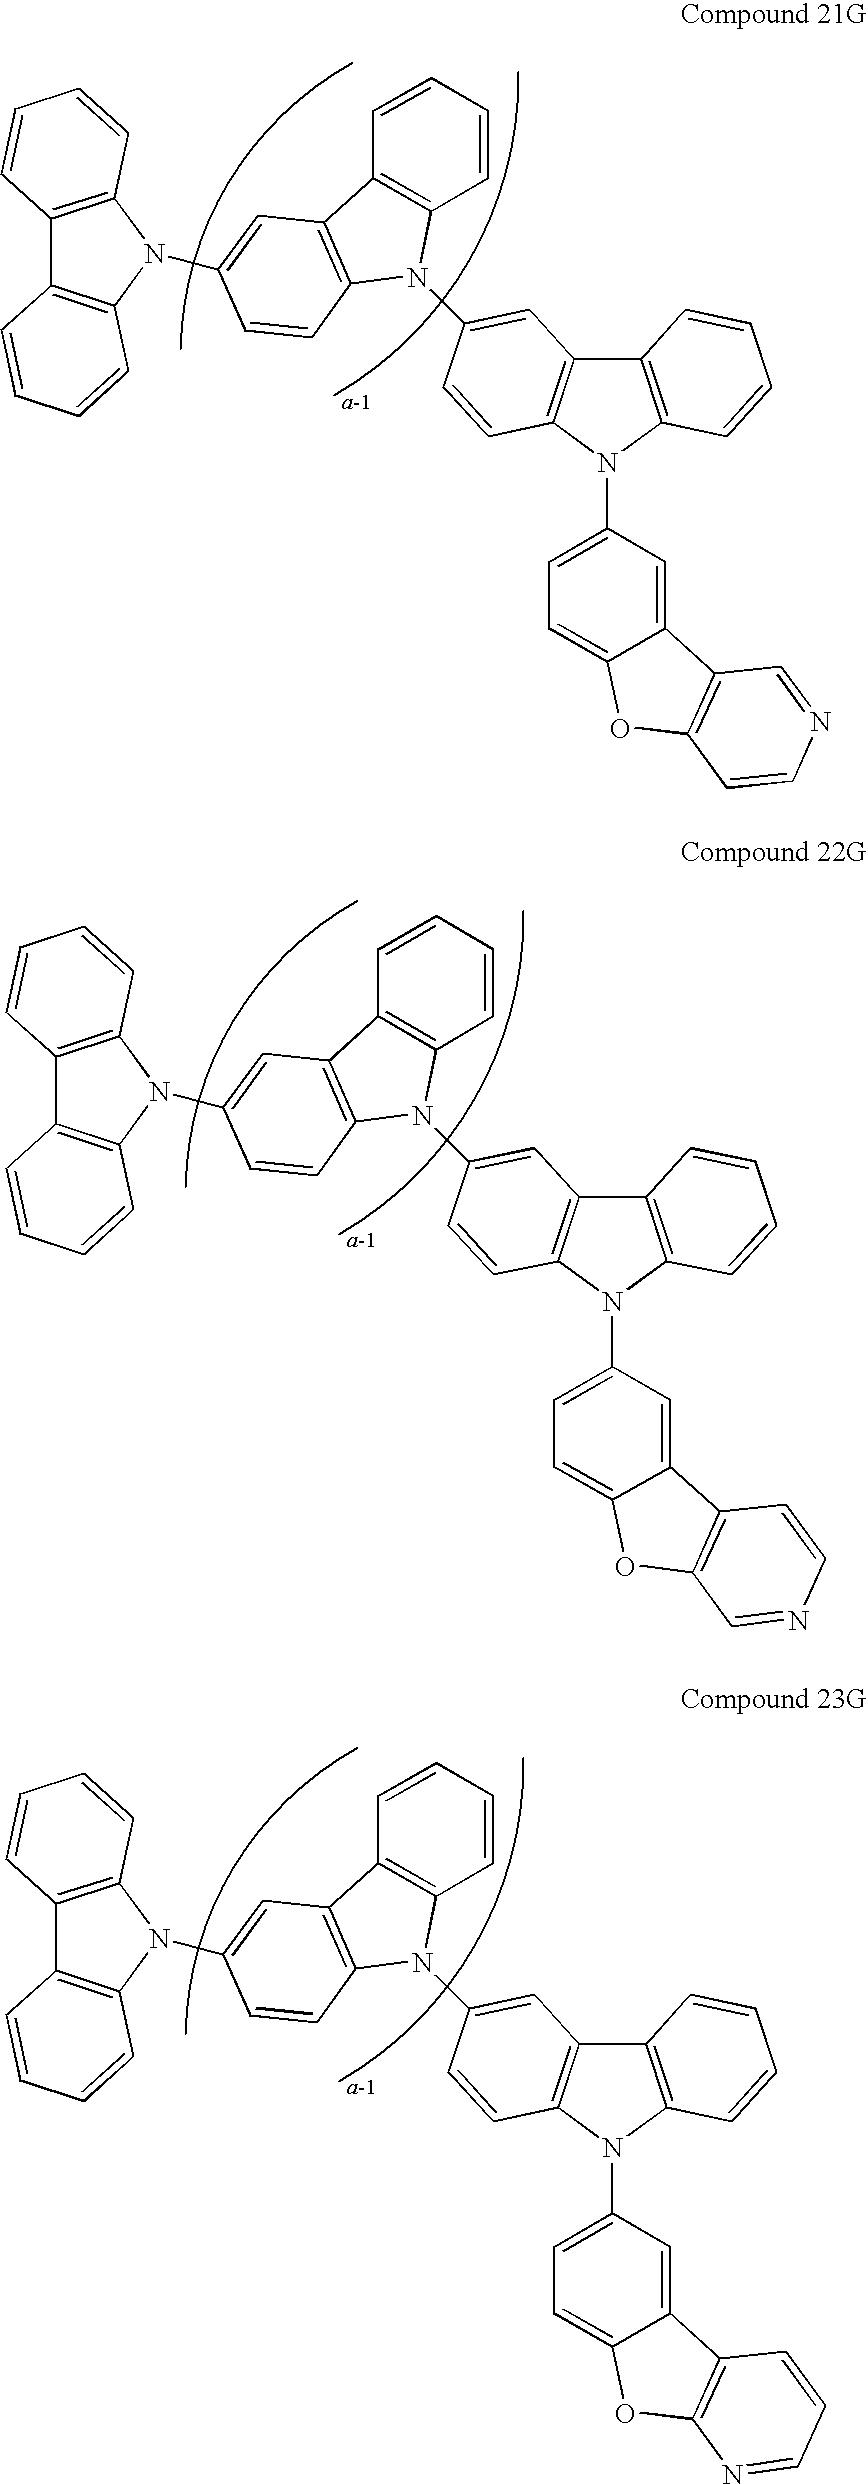 Figure US20090134784A1-20090528-C00206